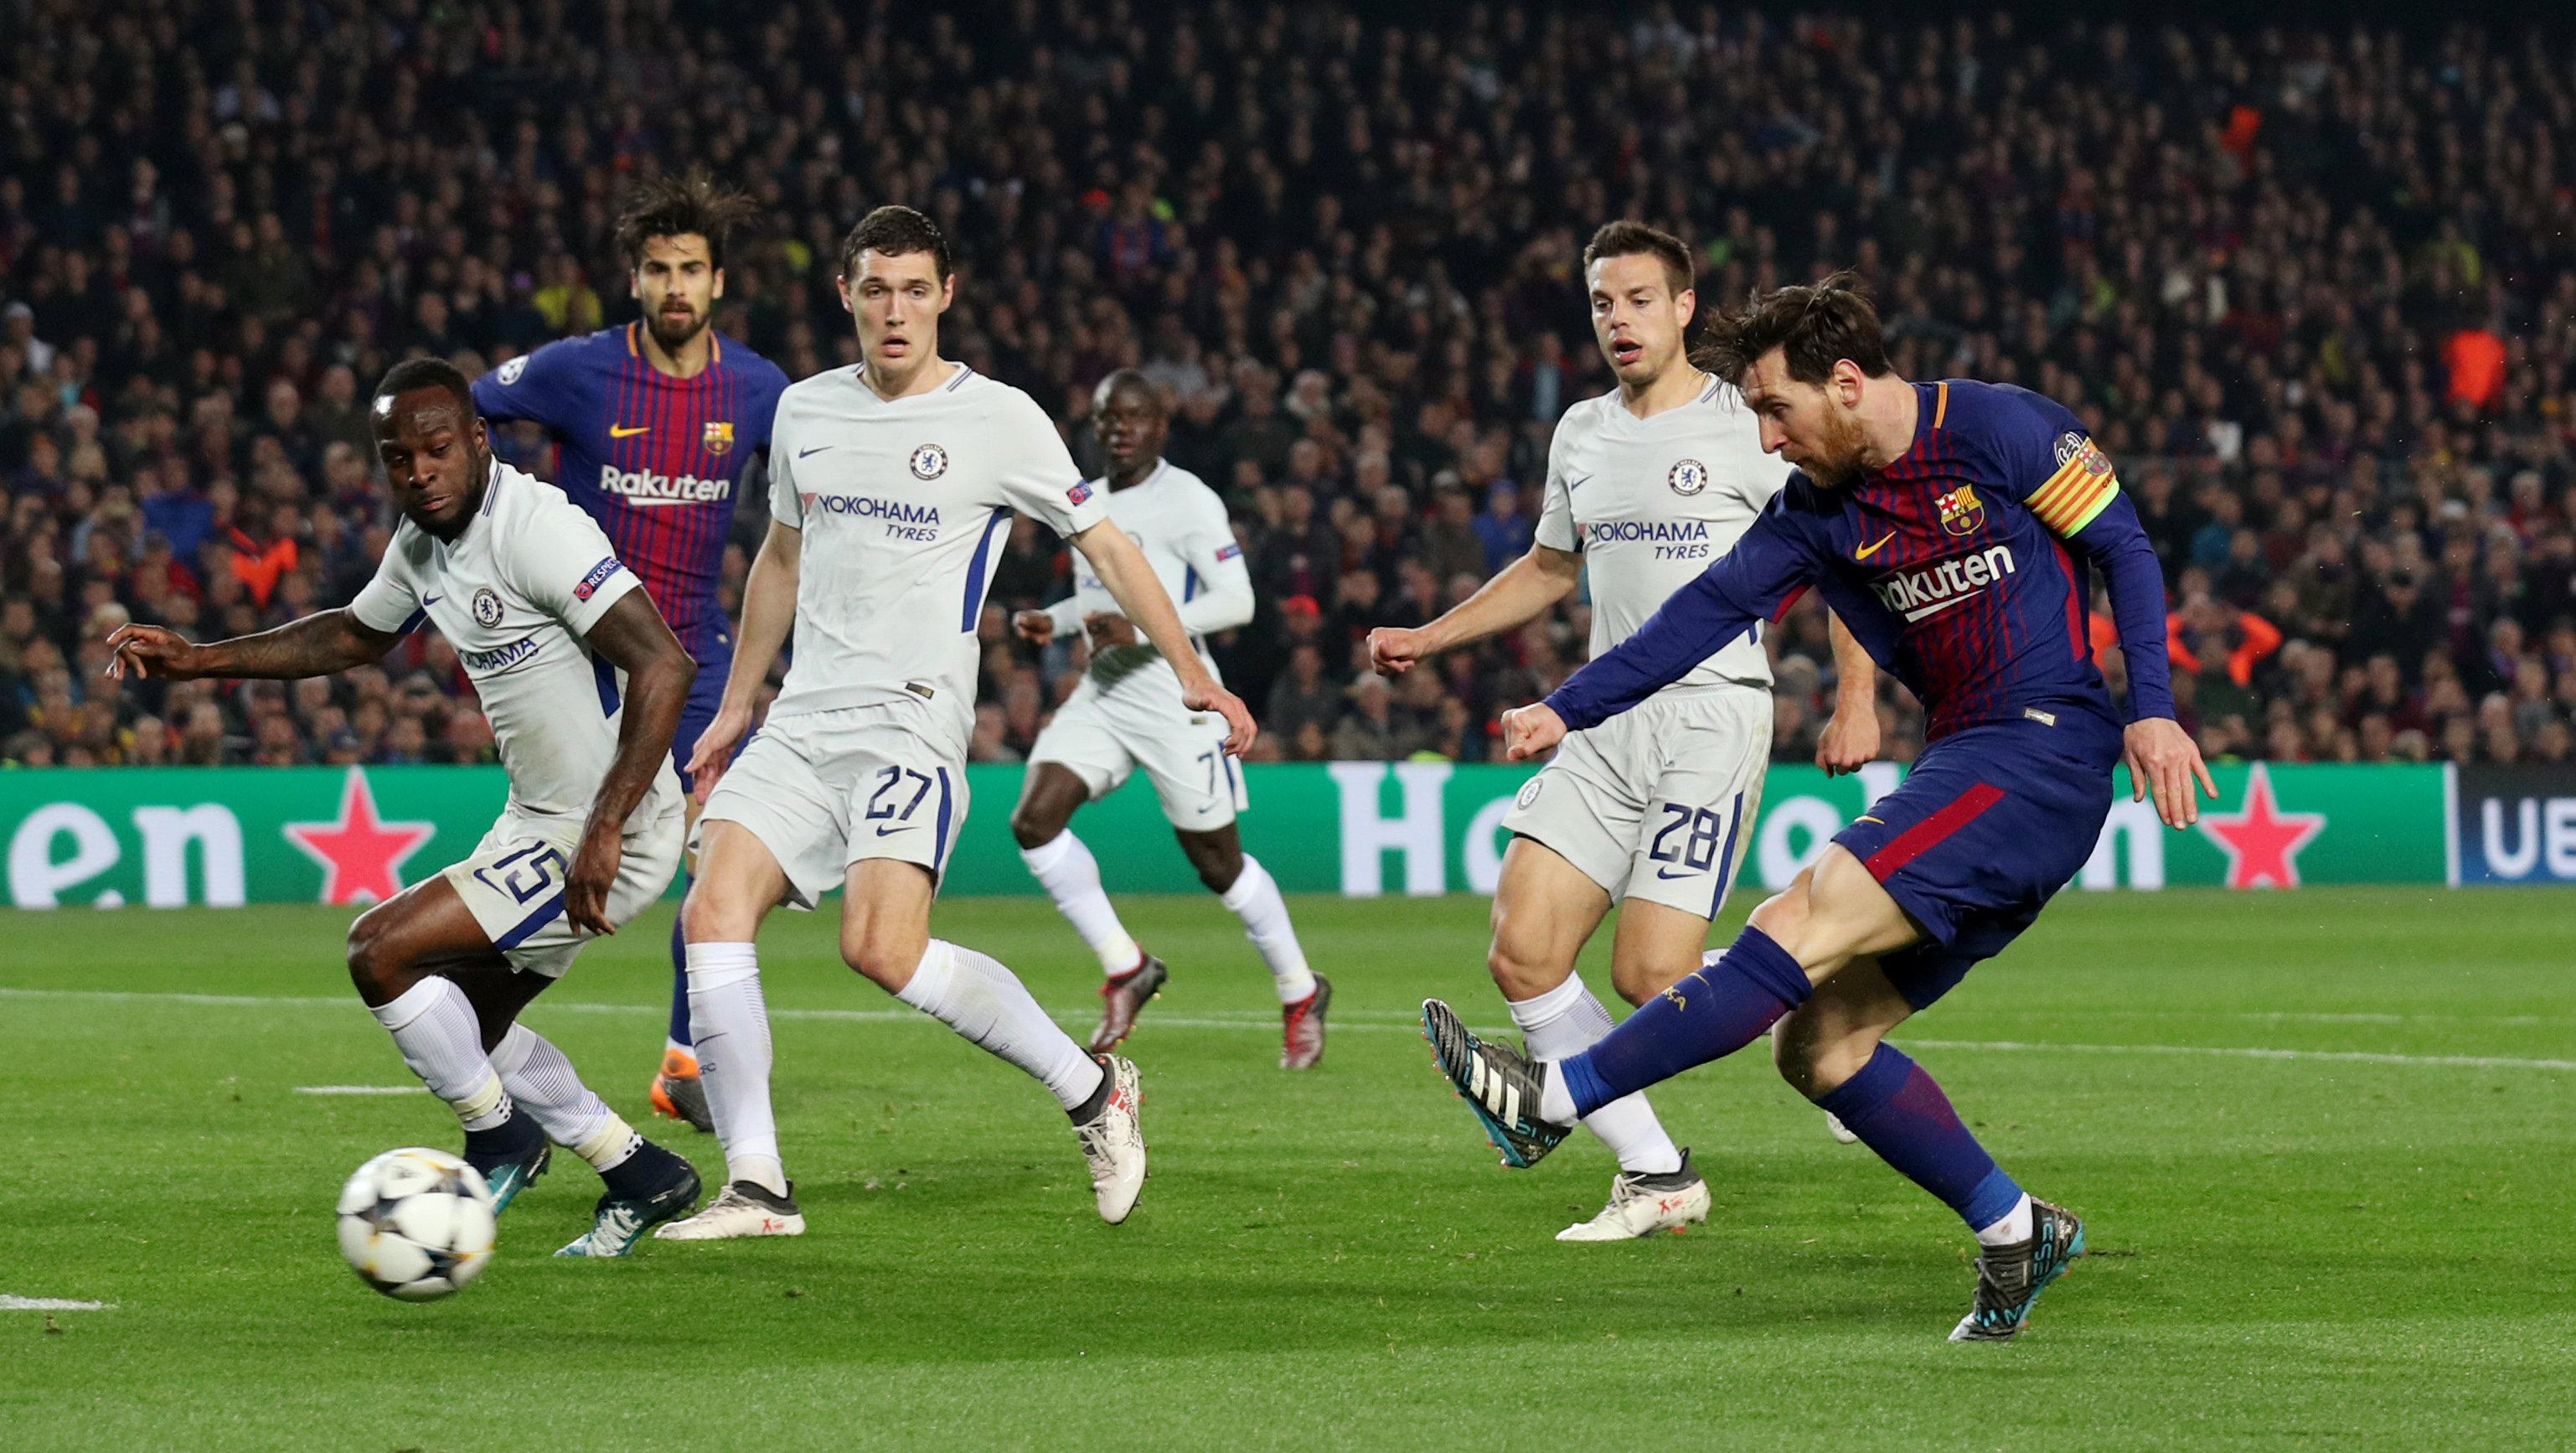 Pha dứt điểm nâng tỉ số lên 3-0 cho Barcelona của Messi. Ảnh: REUTERS